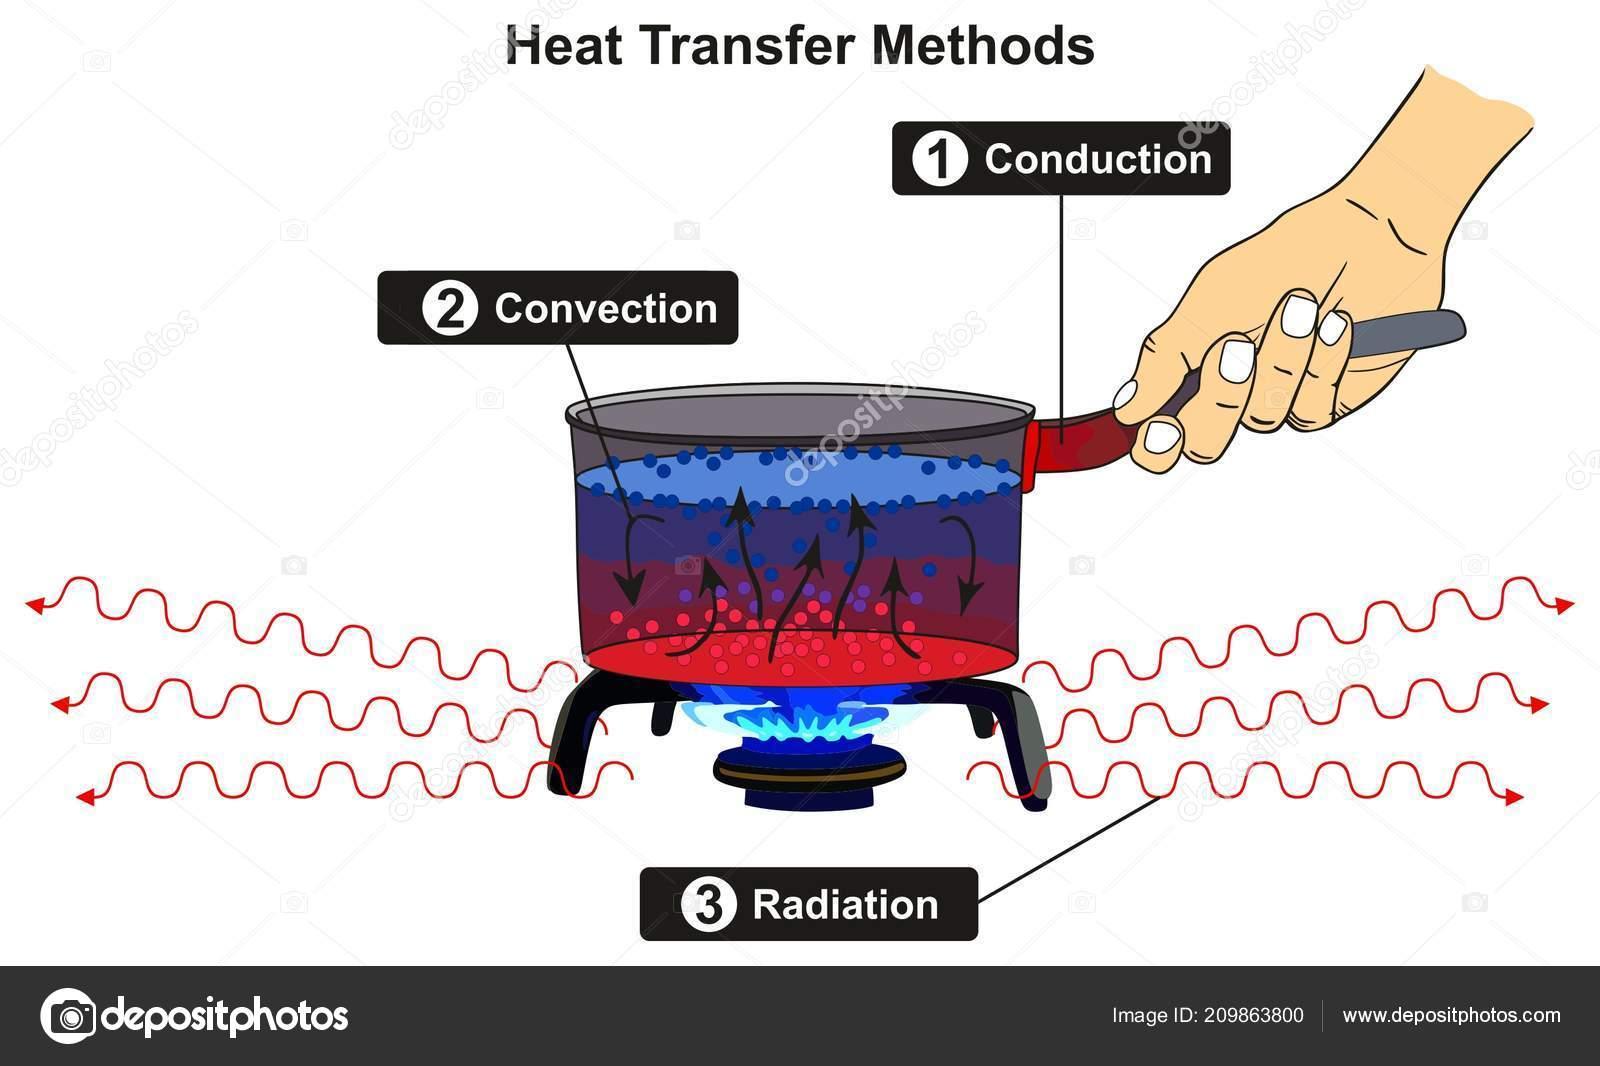 heat transfer methods infographic diagram including conduction rh depositphotos com